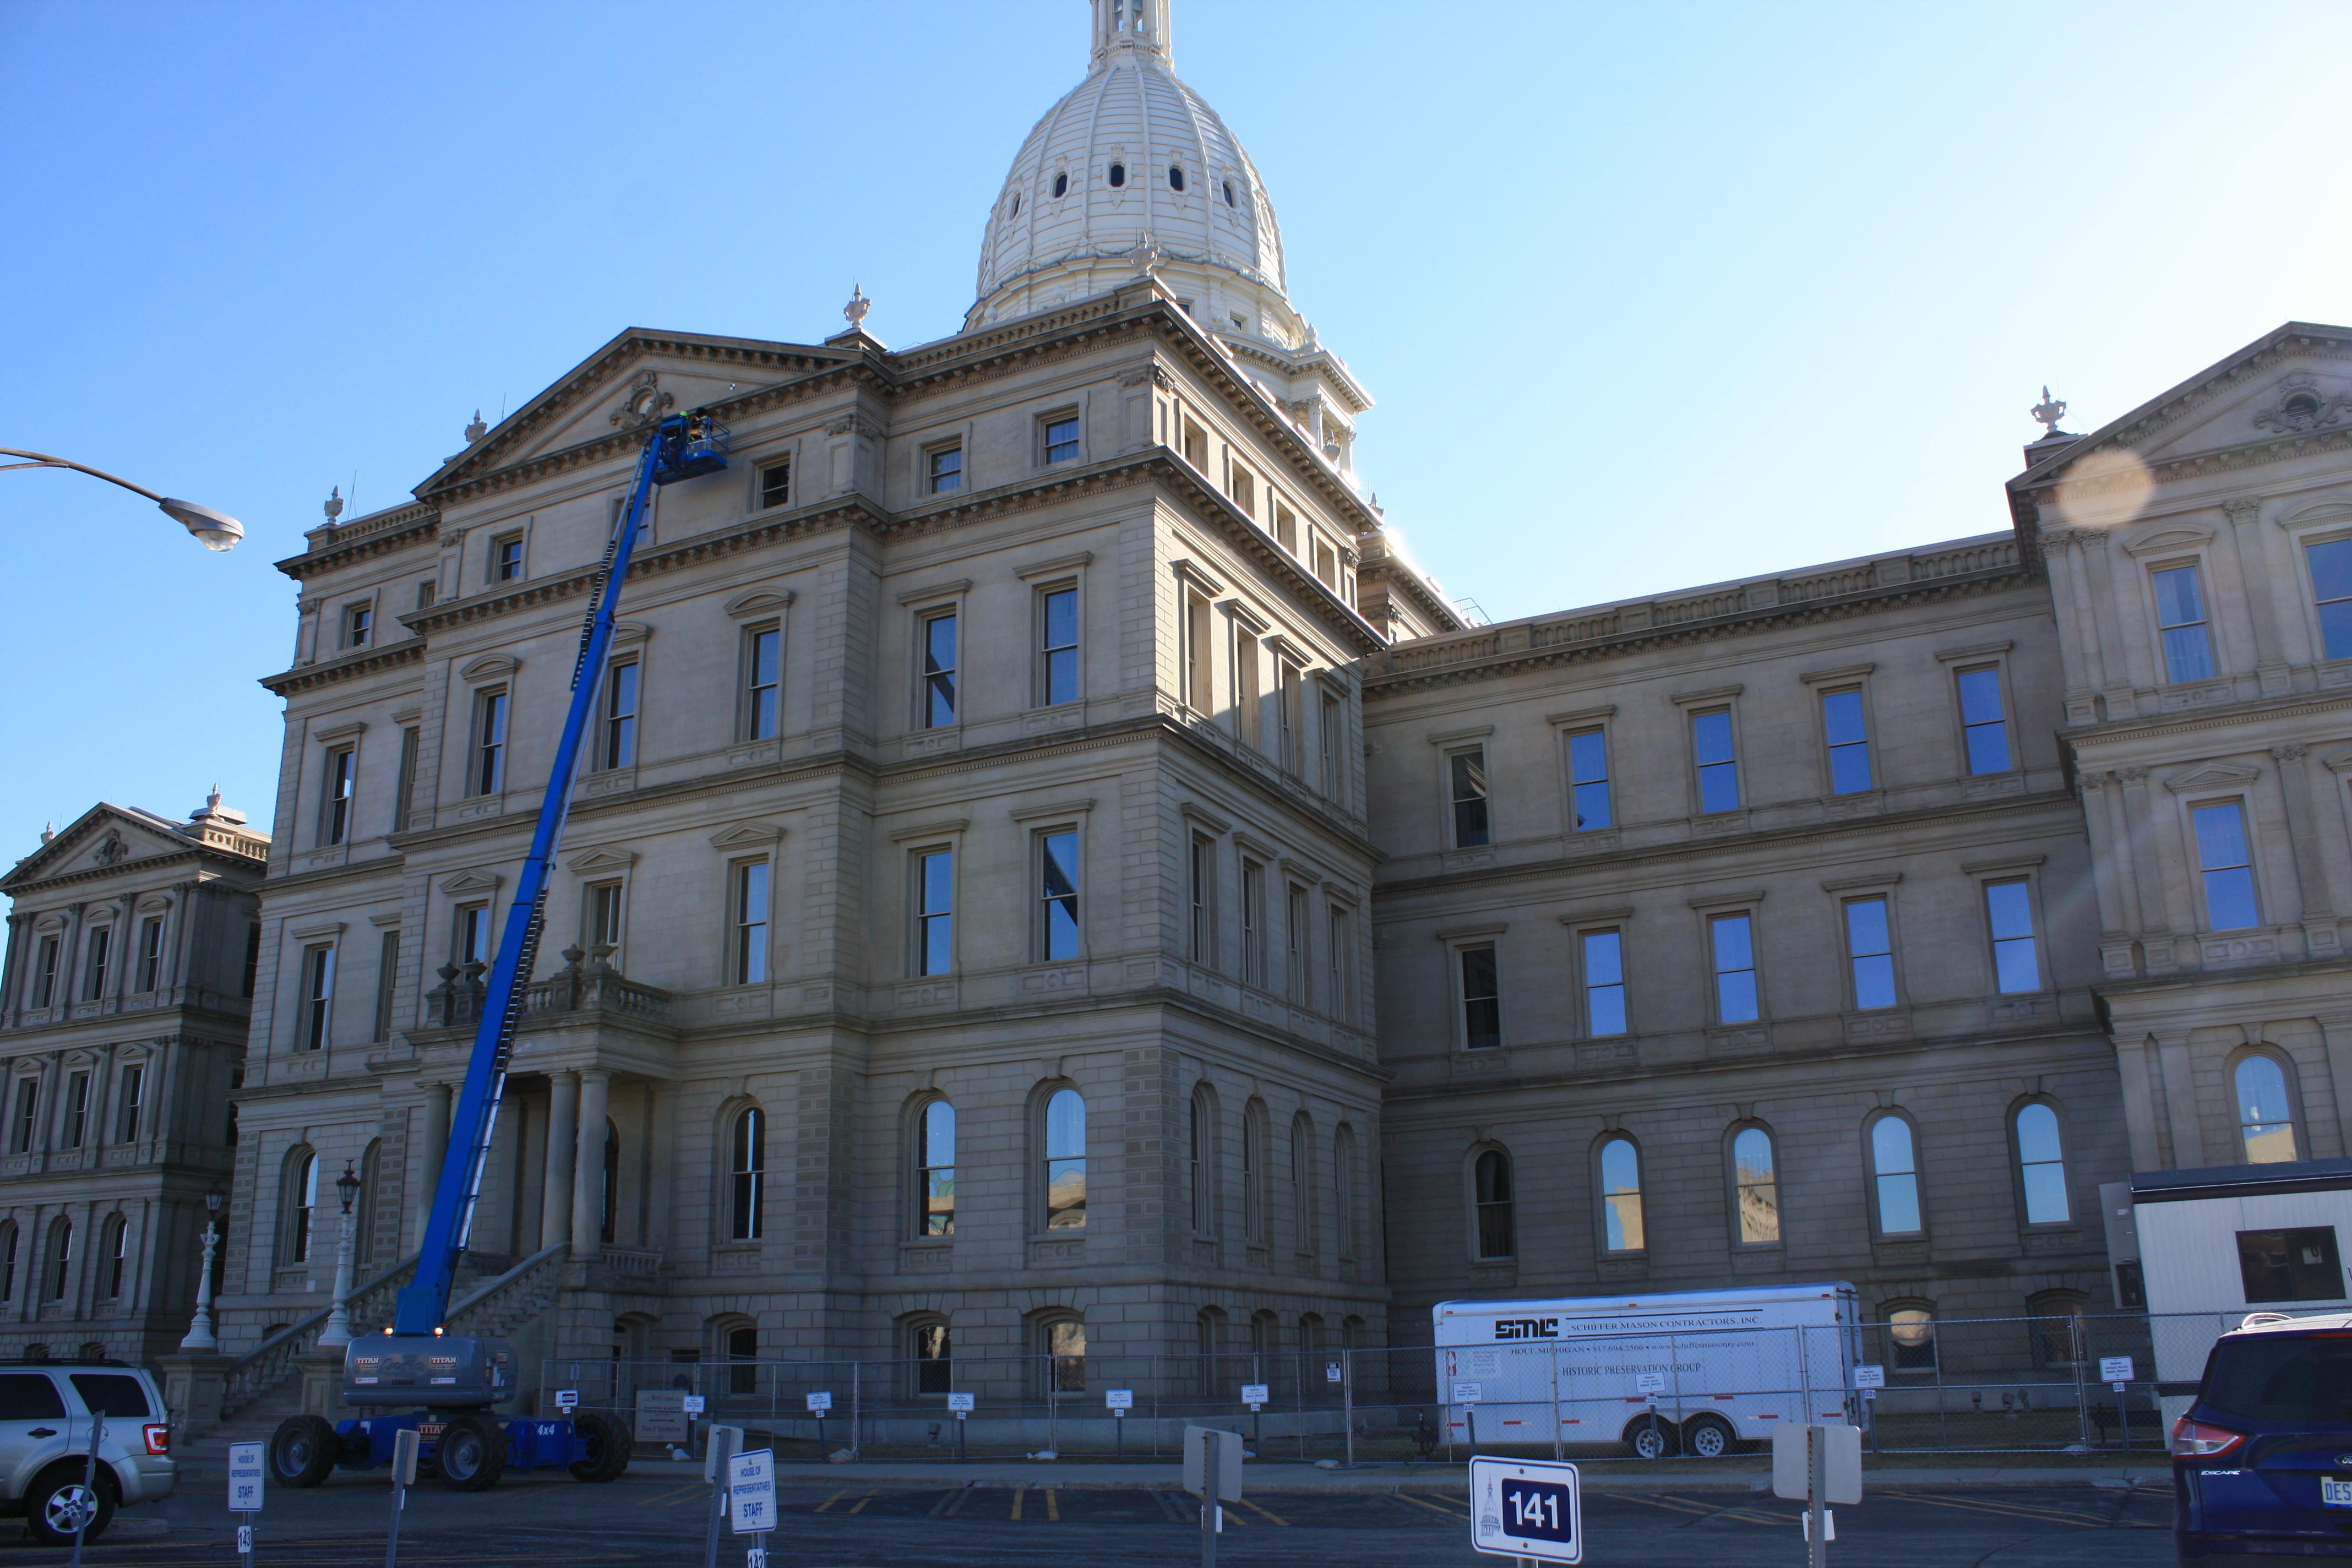 Michigan State Capitol - Lansing, MI